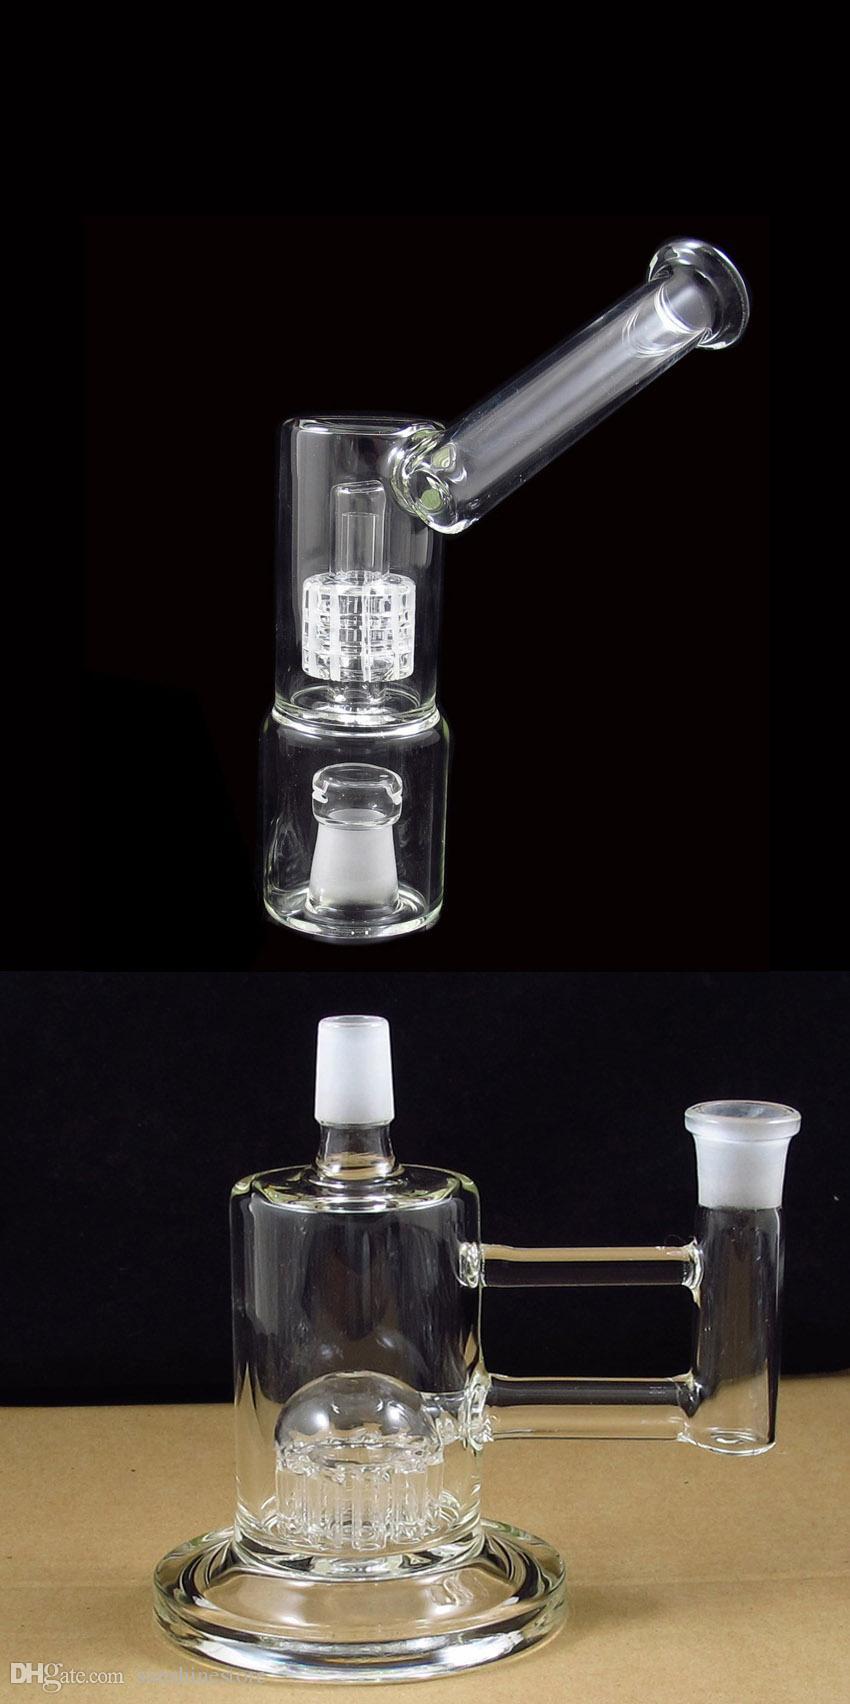 Nouveau design VapeXhale hydratube sidecar perc avec support 7 pouces bubbler verre bong 5mm d'épaisseur